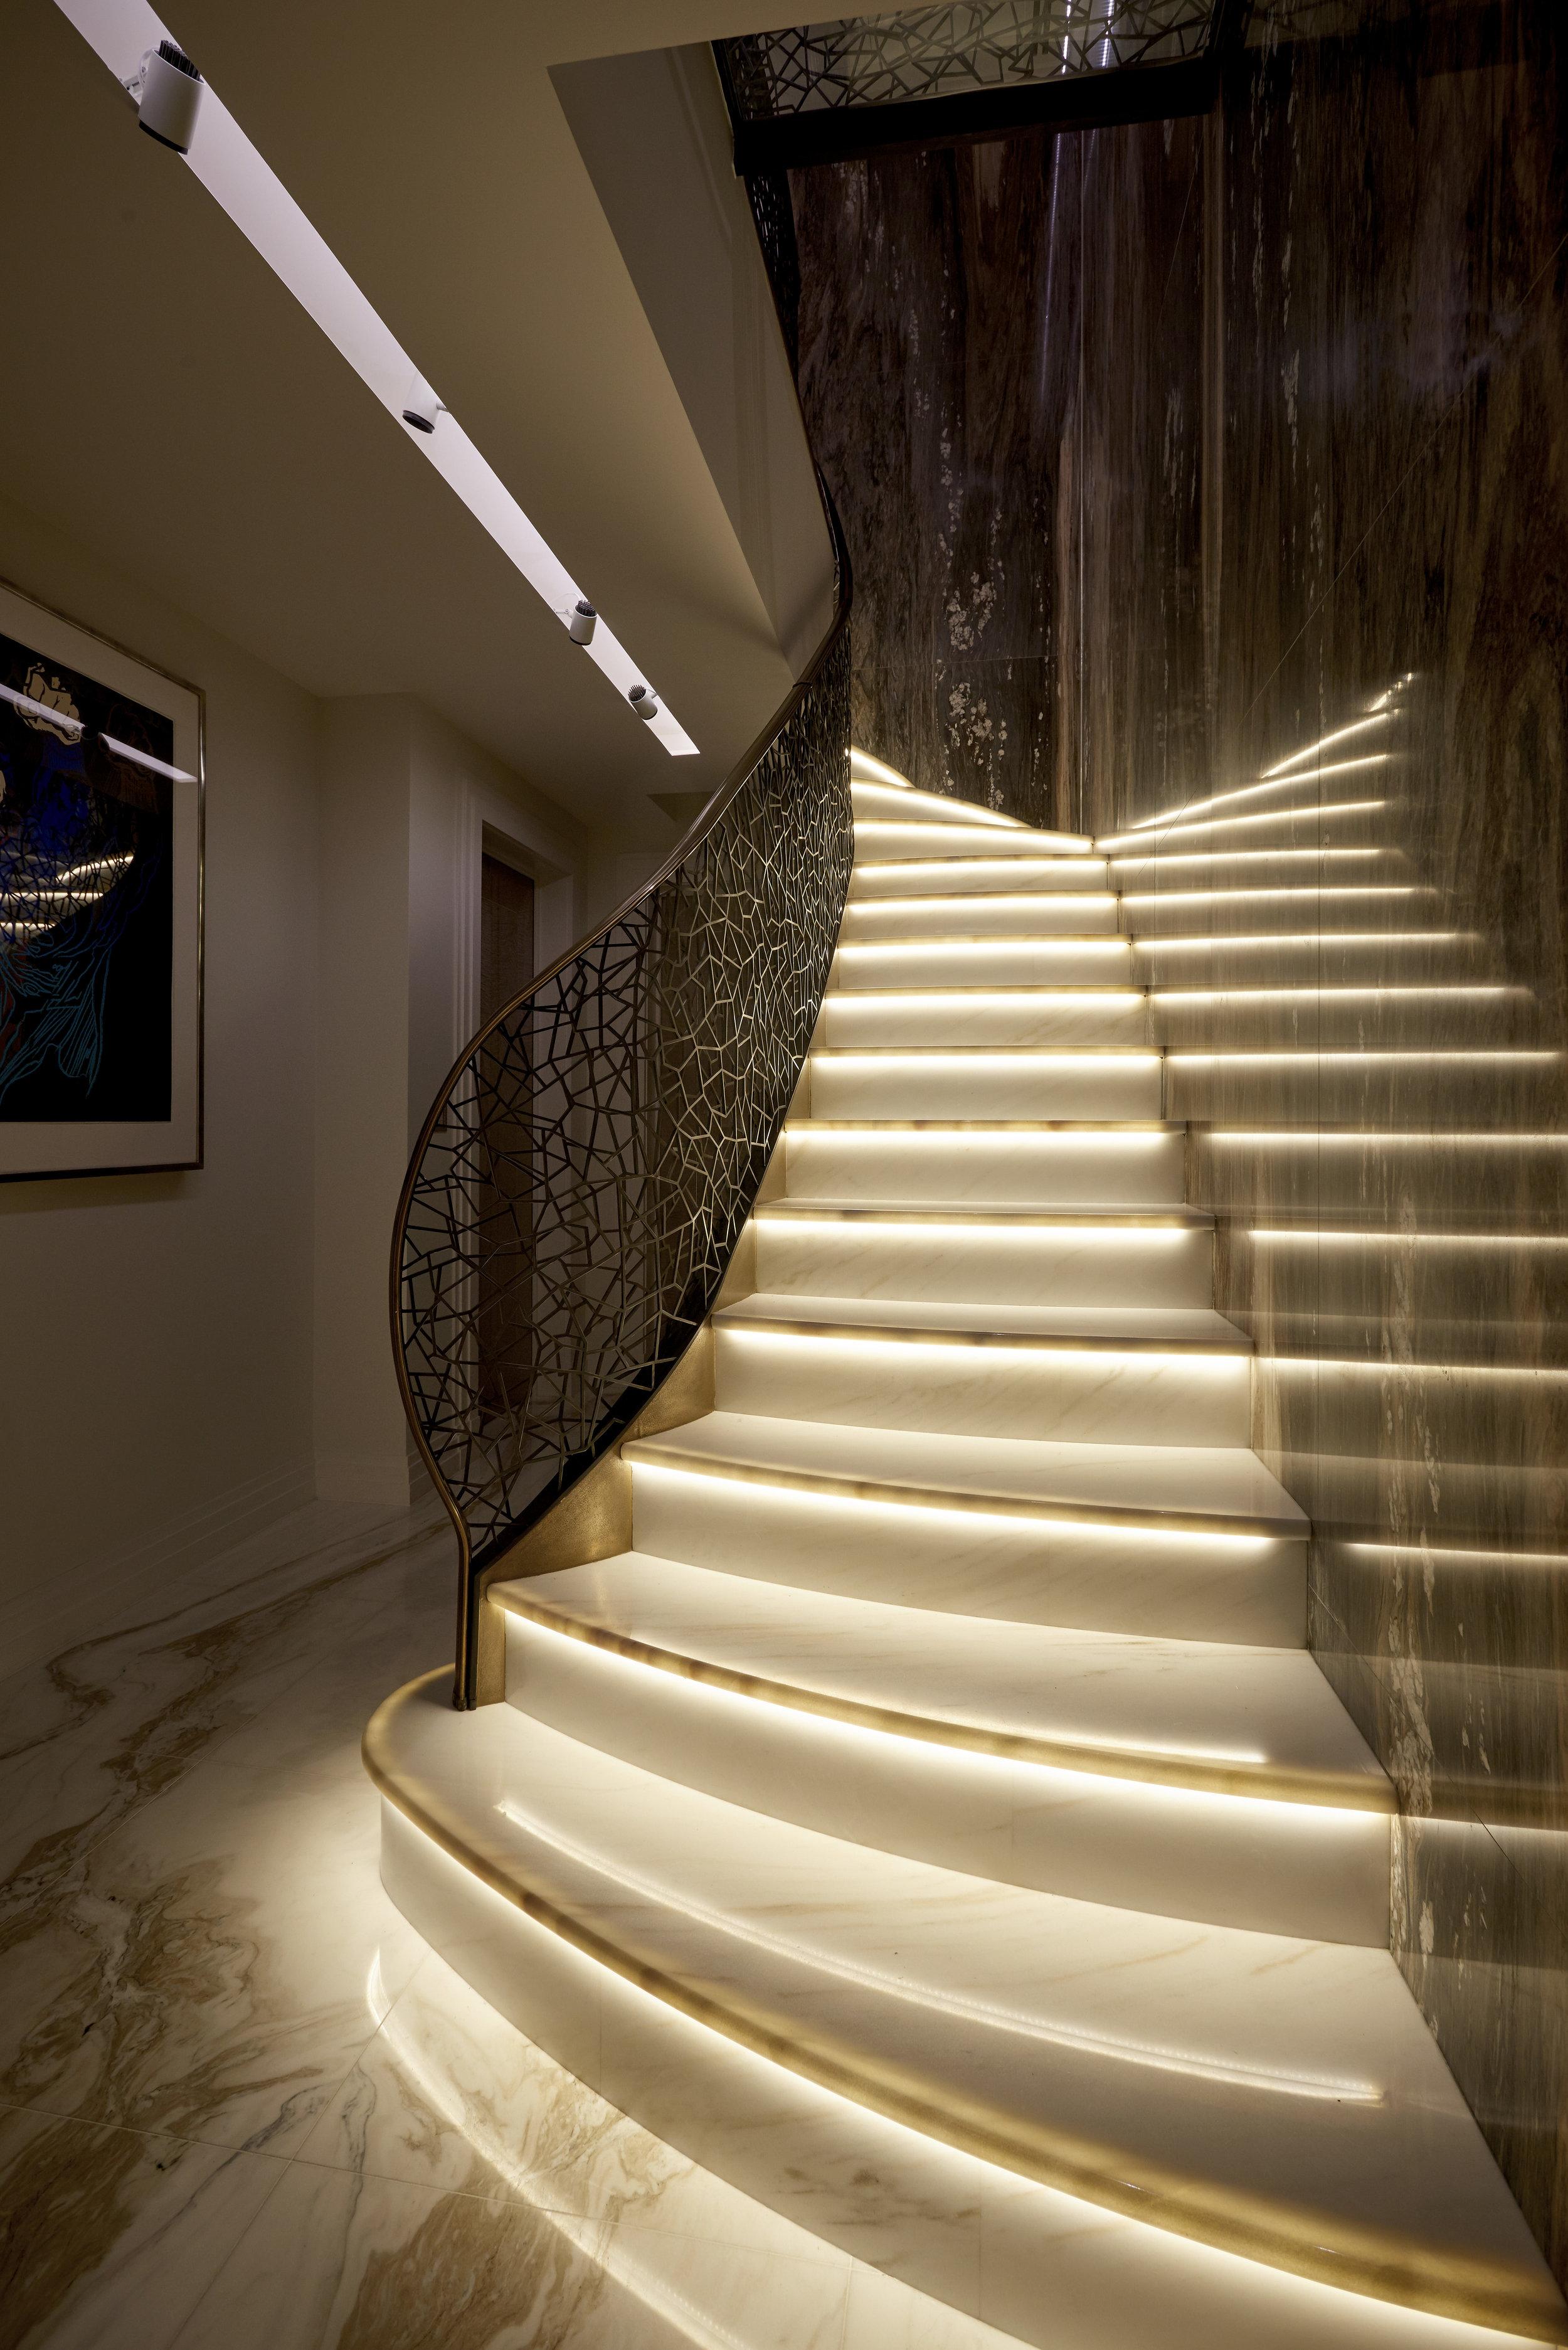 Stairs_798_RT.jpg